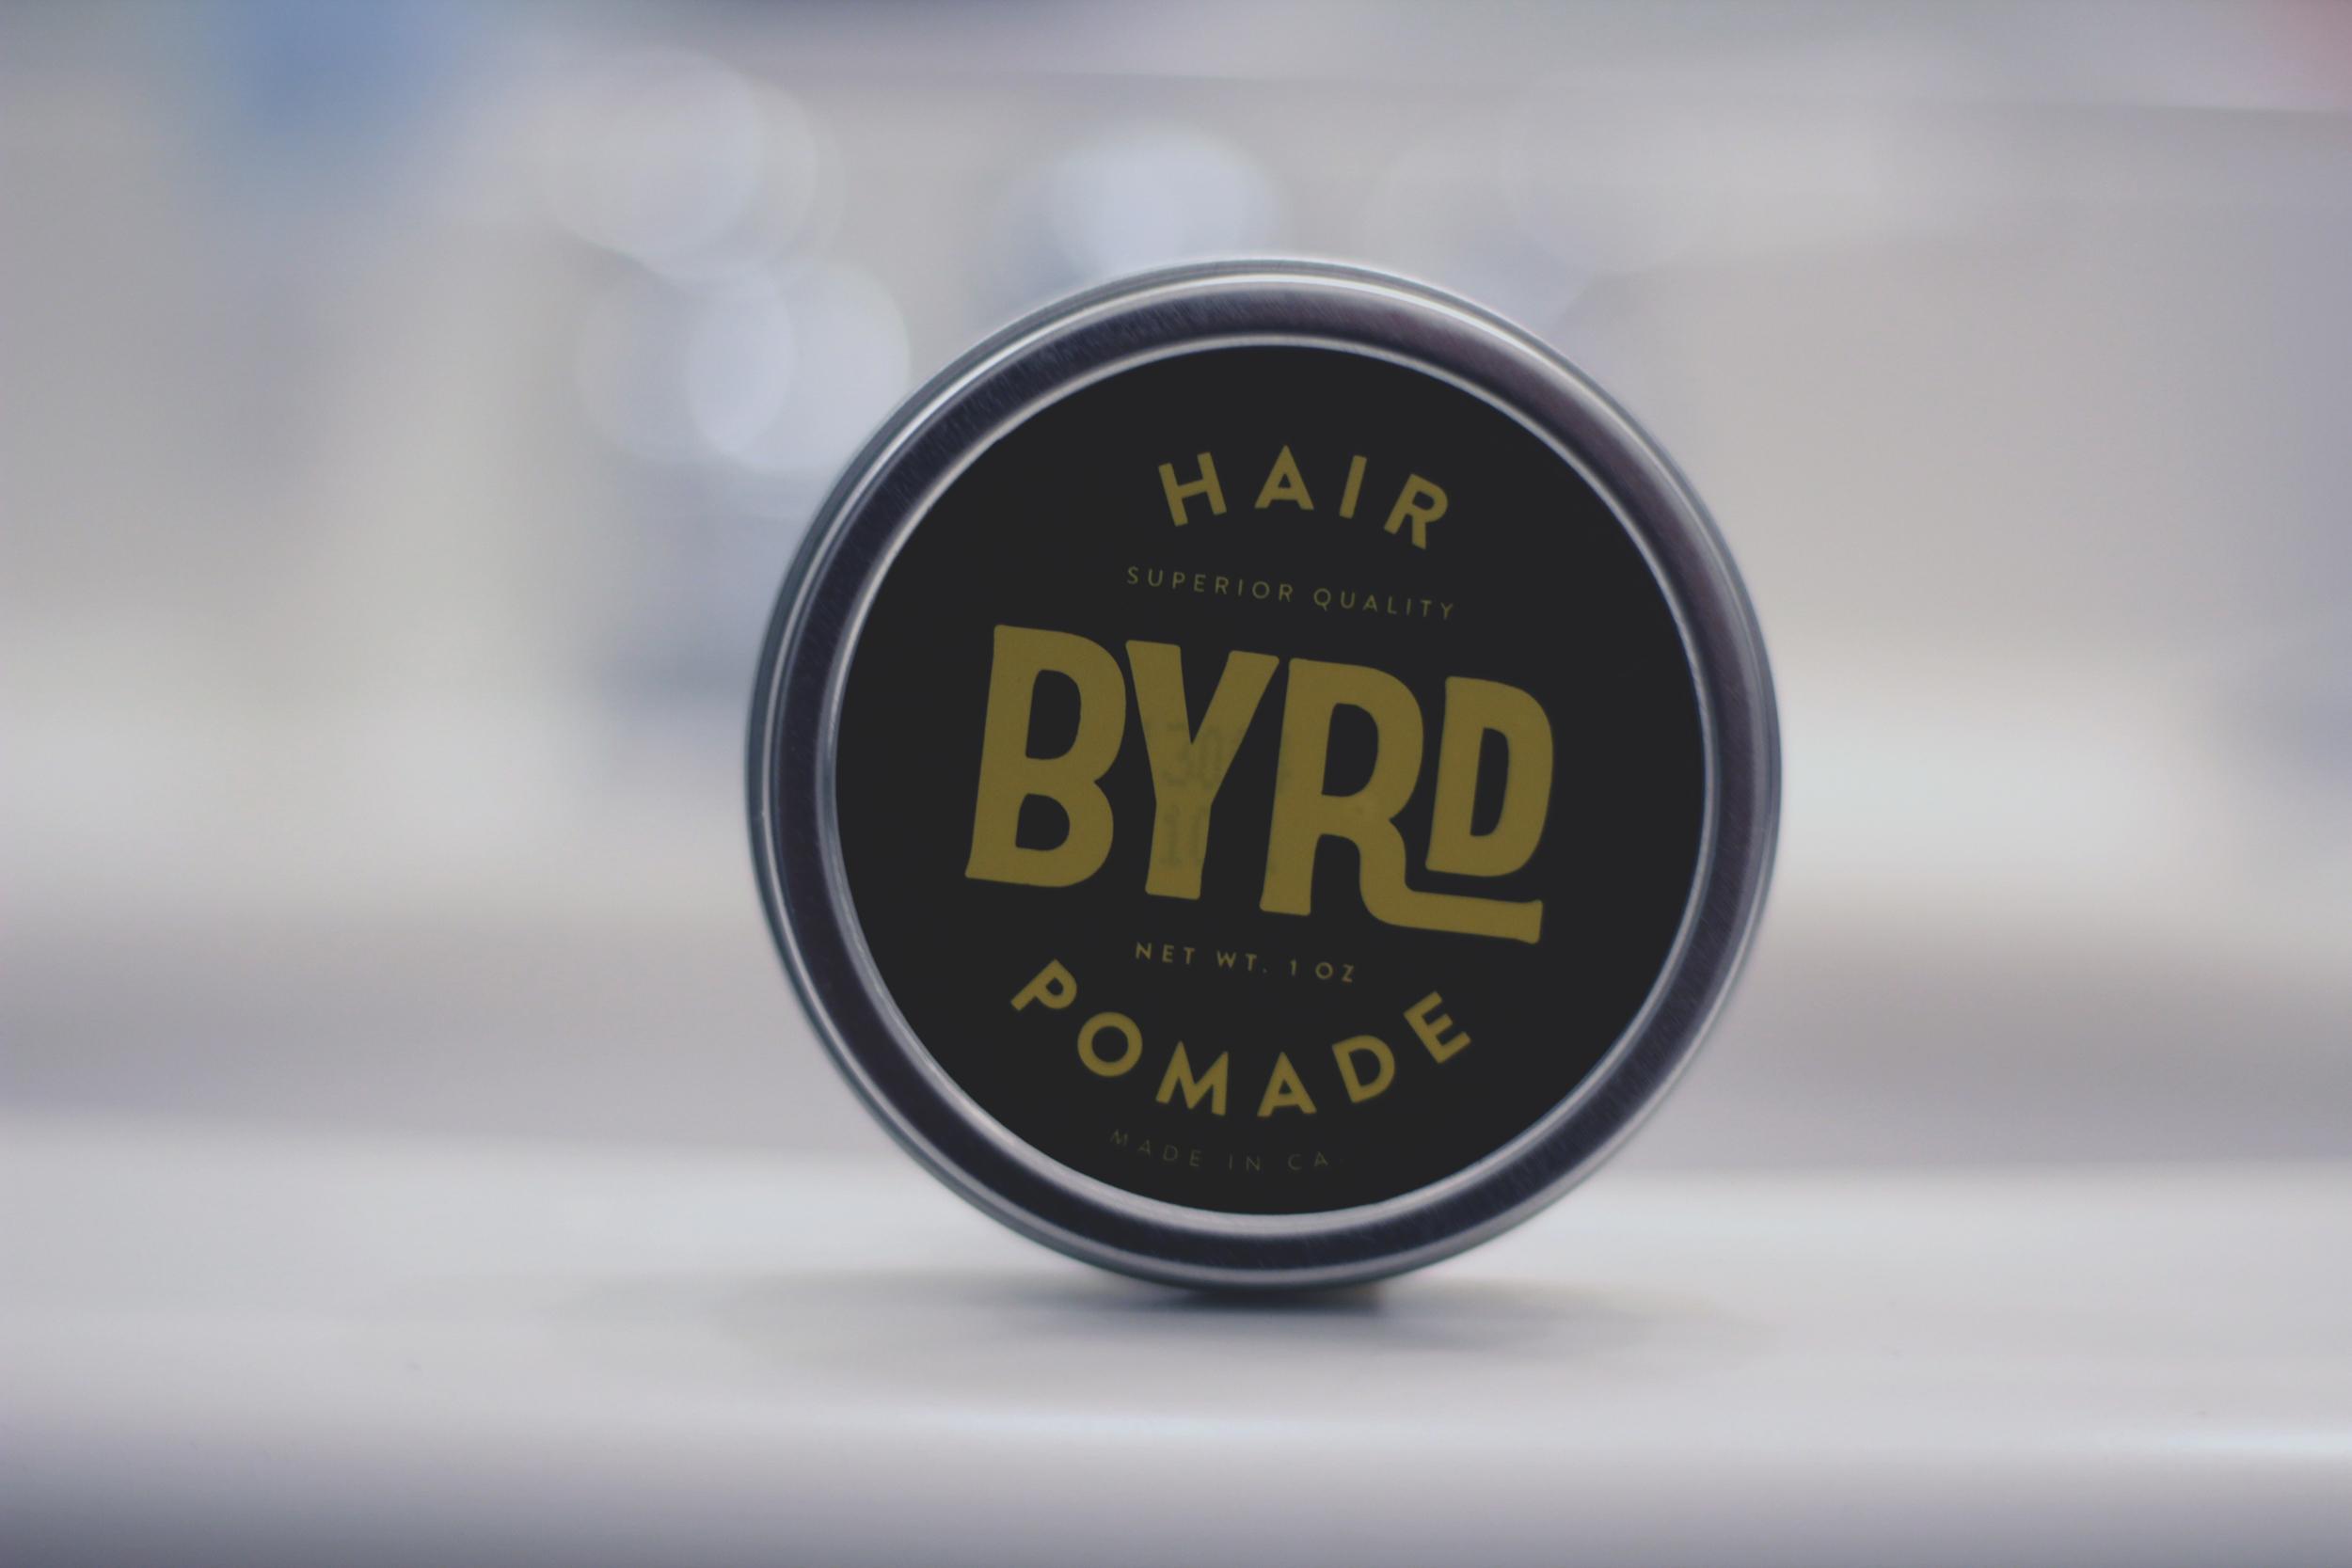 Byrd Hair Pomade - jar